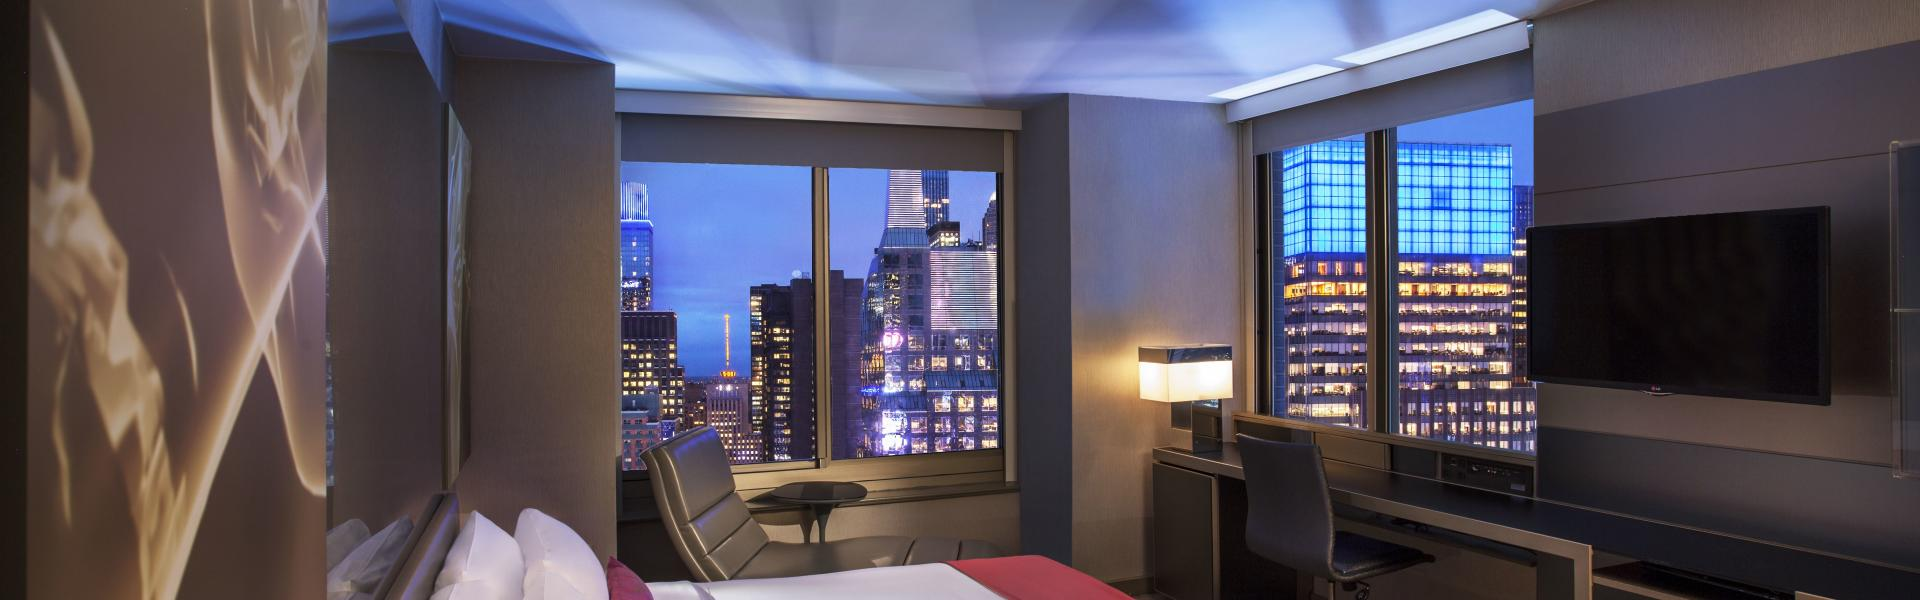 W-New-York-TimesSquare-Times-Square-Manhattan-NYC-StarwoodHotelsandResortsWorldwideInc